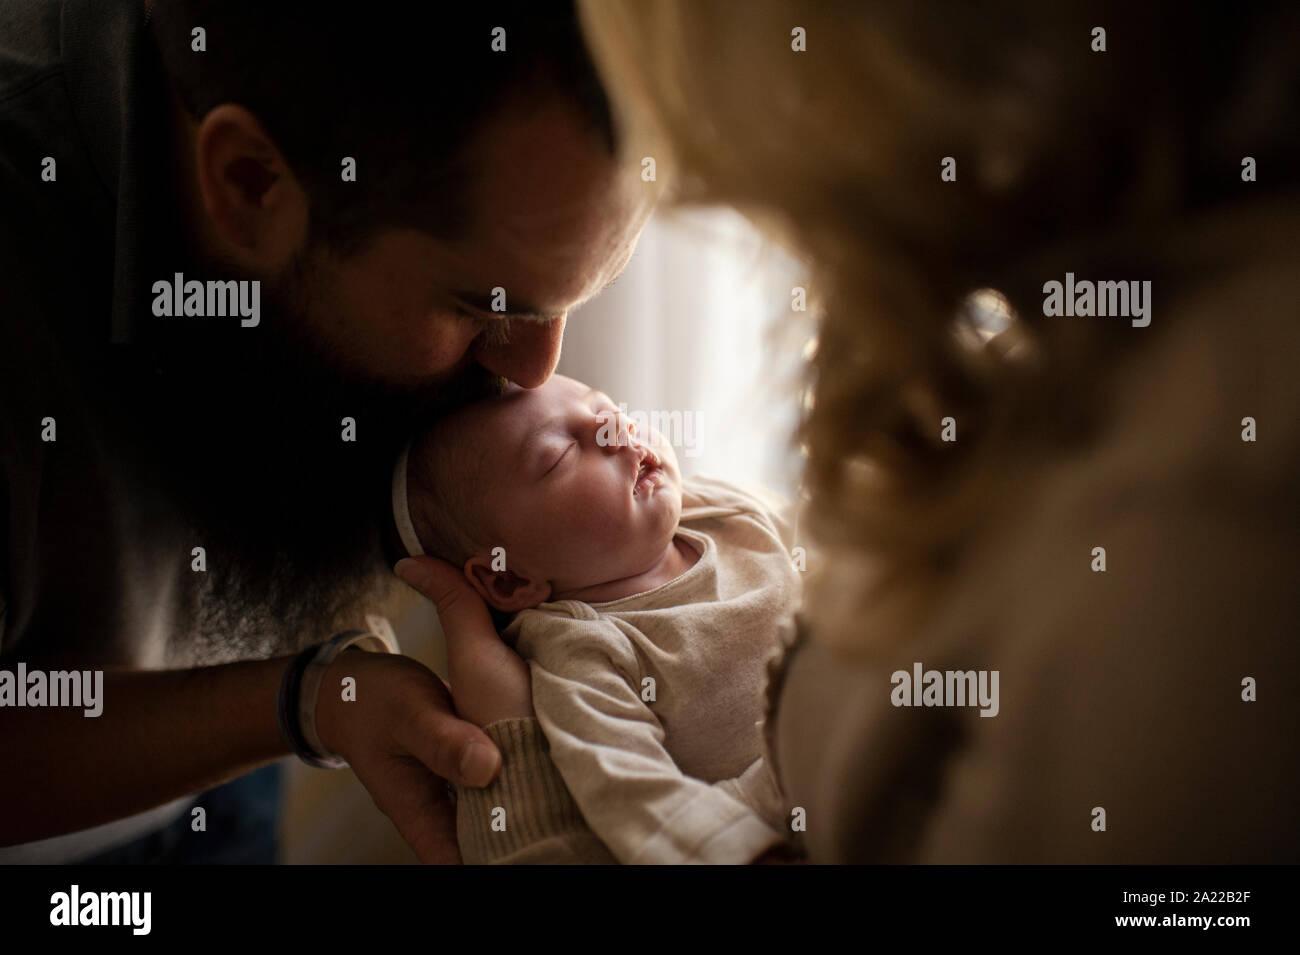 Vater küssen Schlafen neugeborene Töchter Kopf im Arm der Mutter Stockfoto